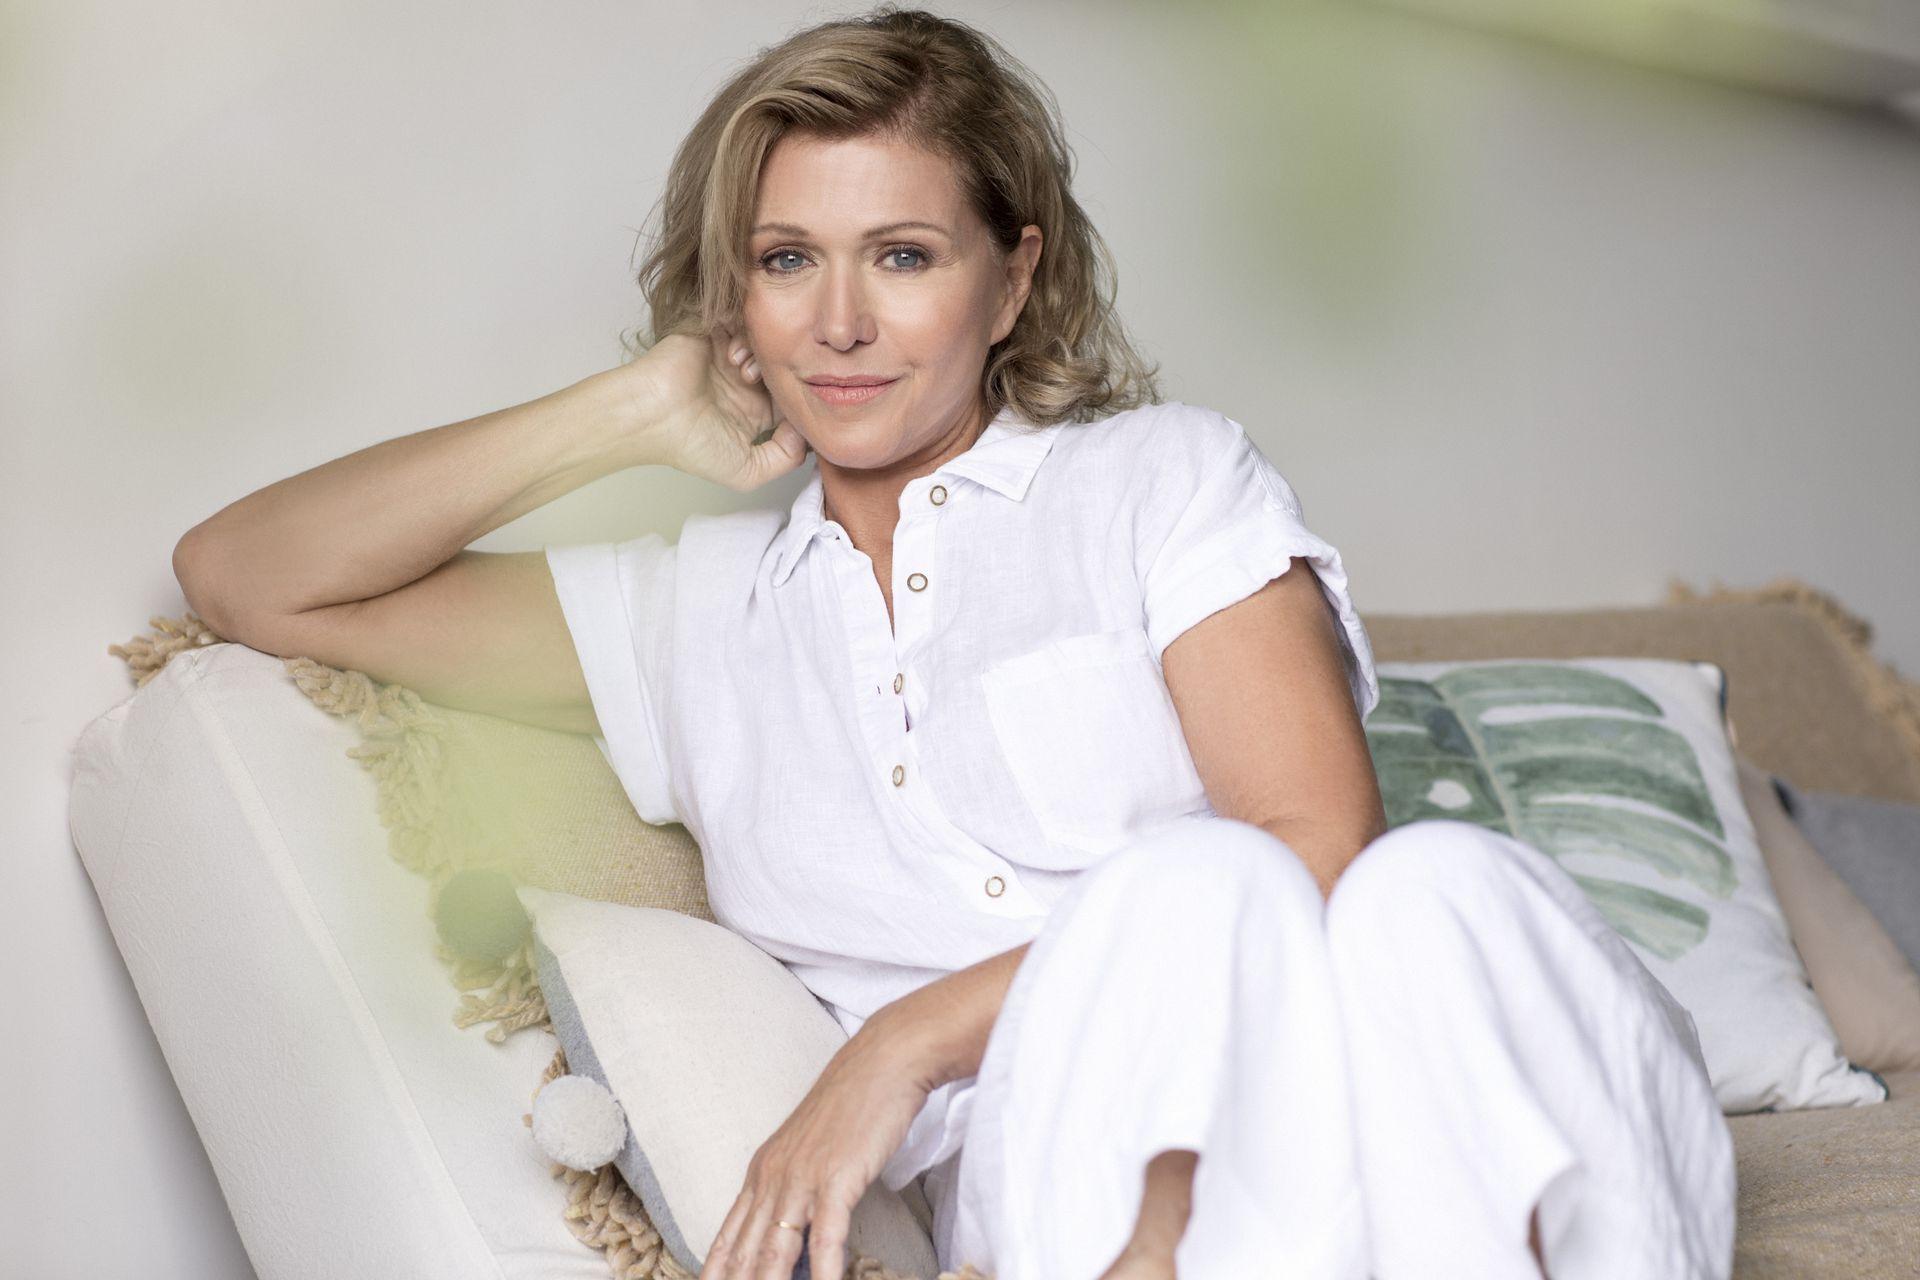 La actriz y cantante está radicada en Miami desde hace tres años y medio